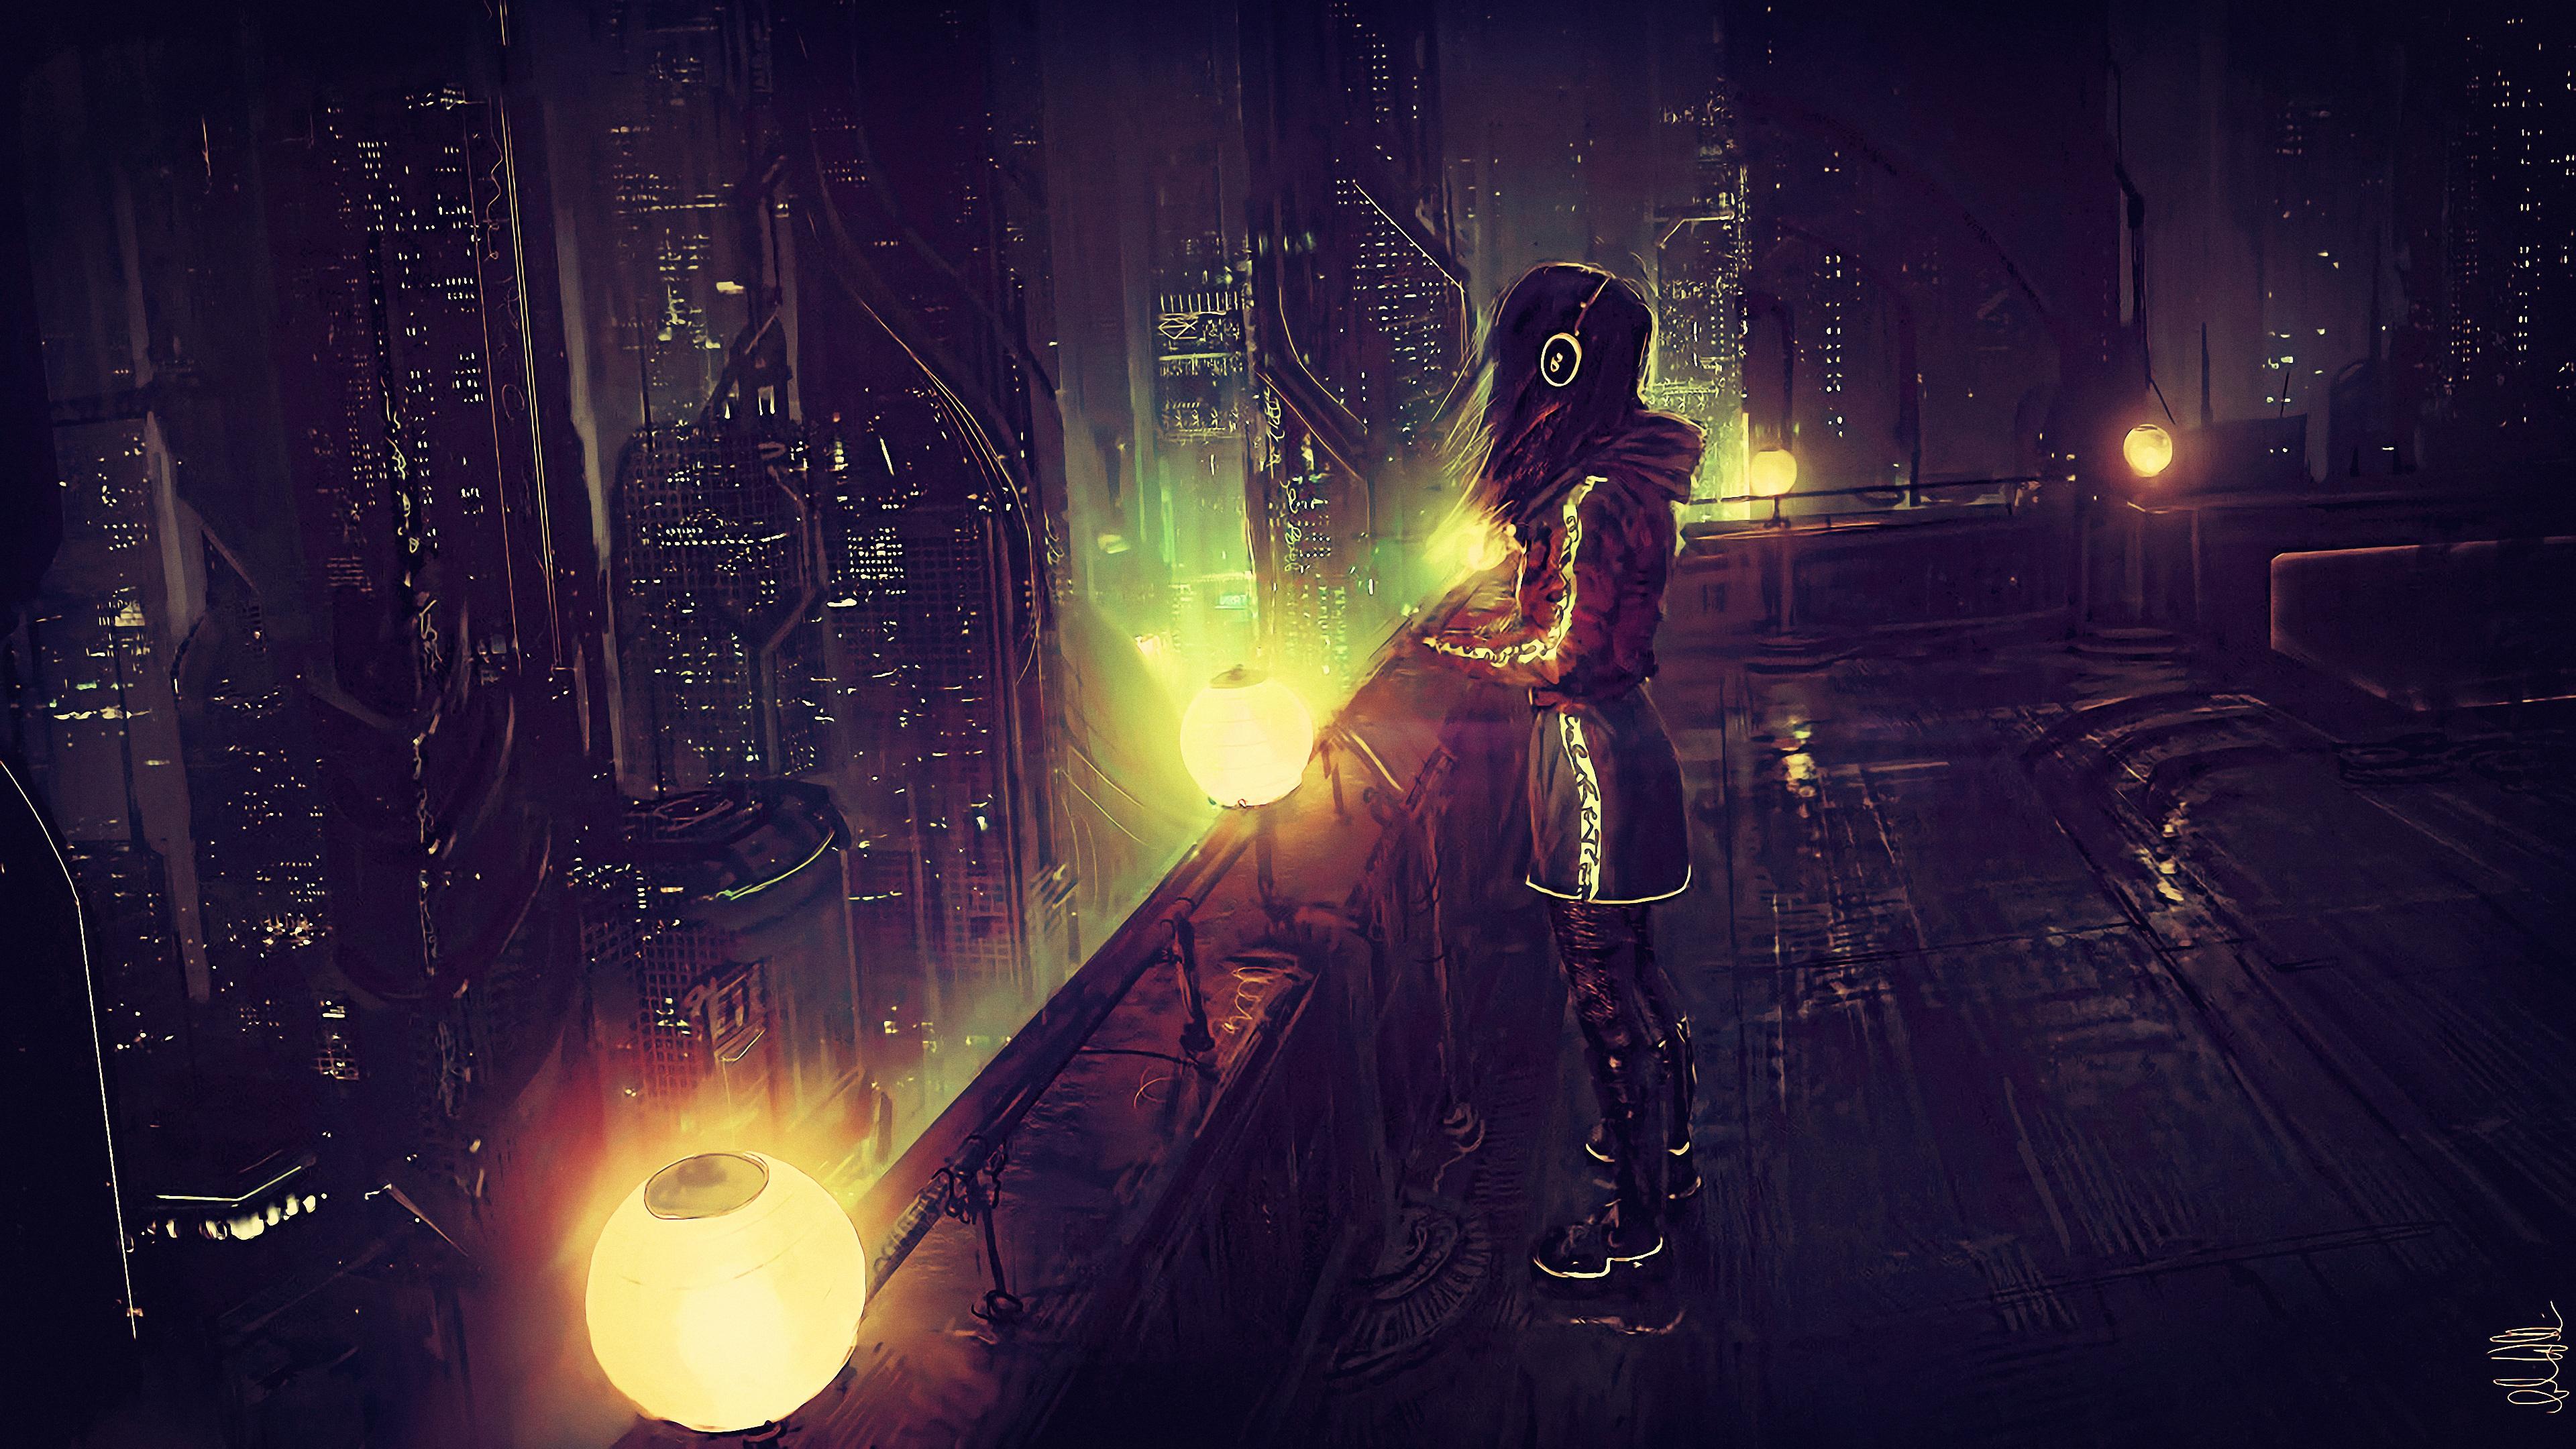 standing on terraces scifi cyberpunk 4k 1540754371 - Standing On Terraces Scifi Cyberpunk 4k - scifi wallpapers, hd-wallpapers, digital art wallpapers, cyberpunk wallpapers, artwork wallpapers, artist wallpapers, 4k-wallpapers